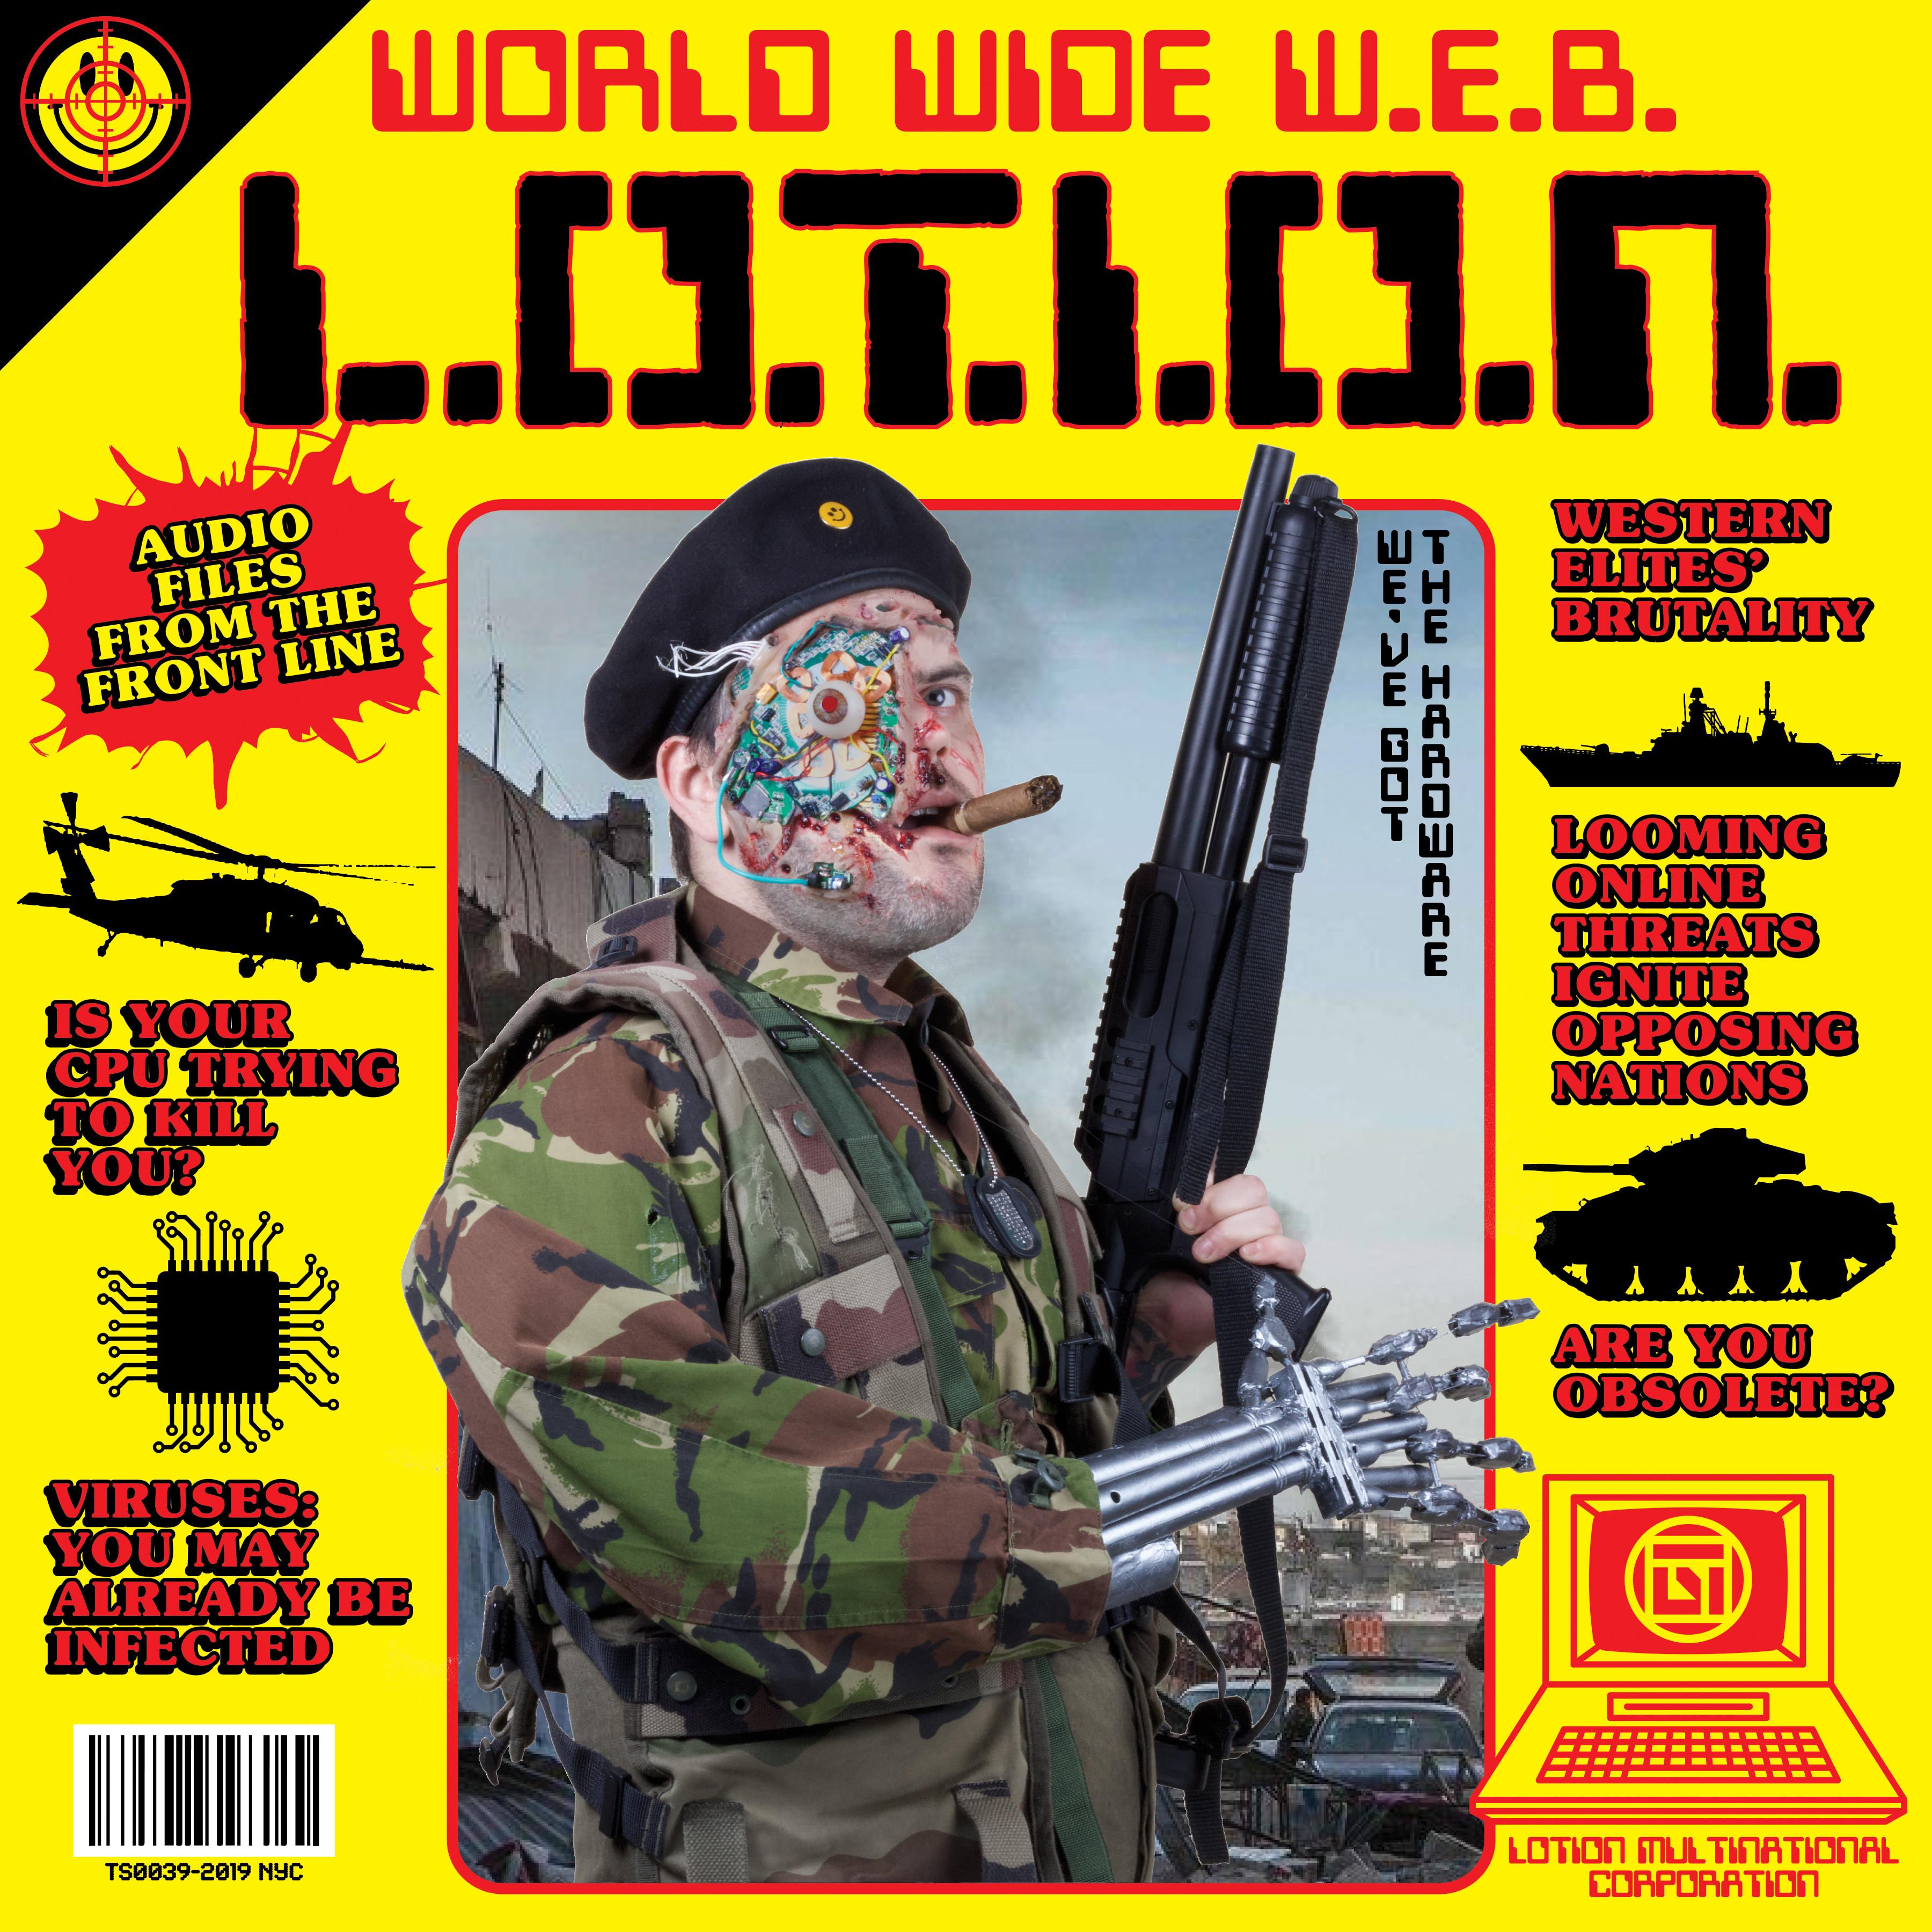 World Wide W.E.B